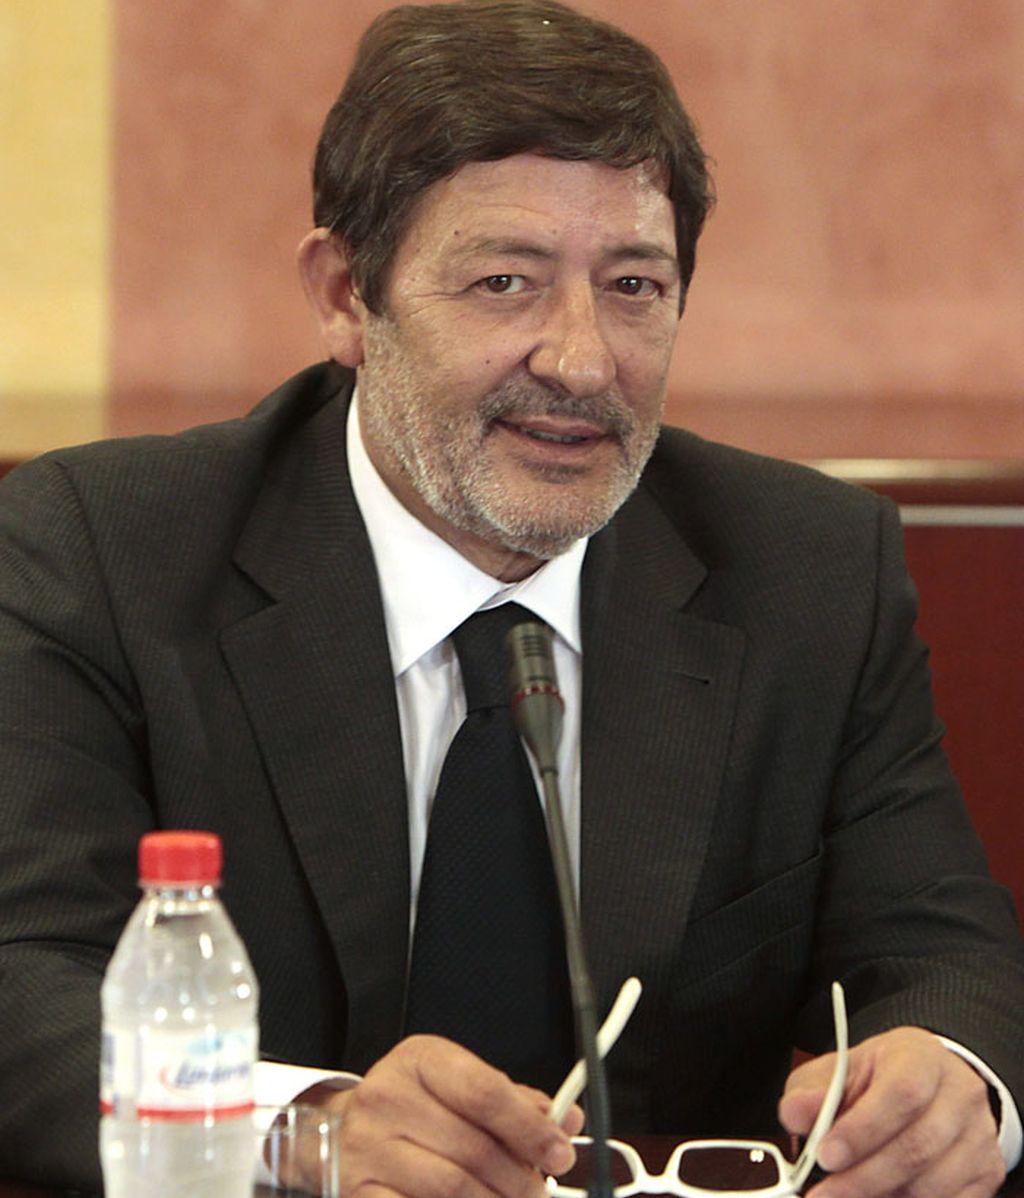 El exdirector general de Trabajo y Seguridad Social de la Consejería de Empleo Francisco Javier Guerrero